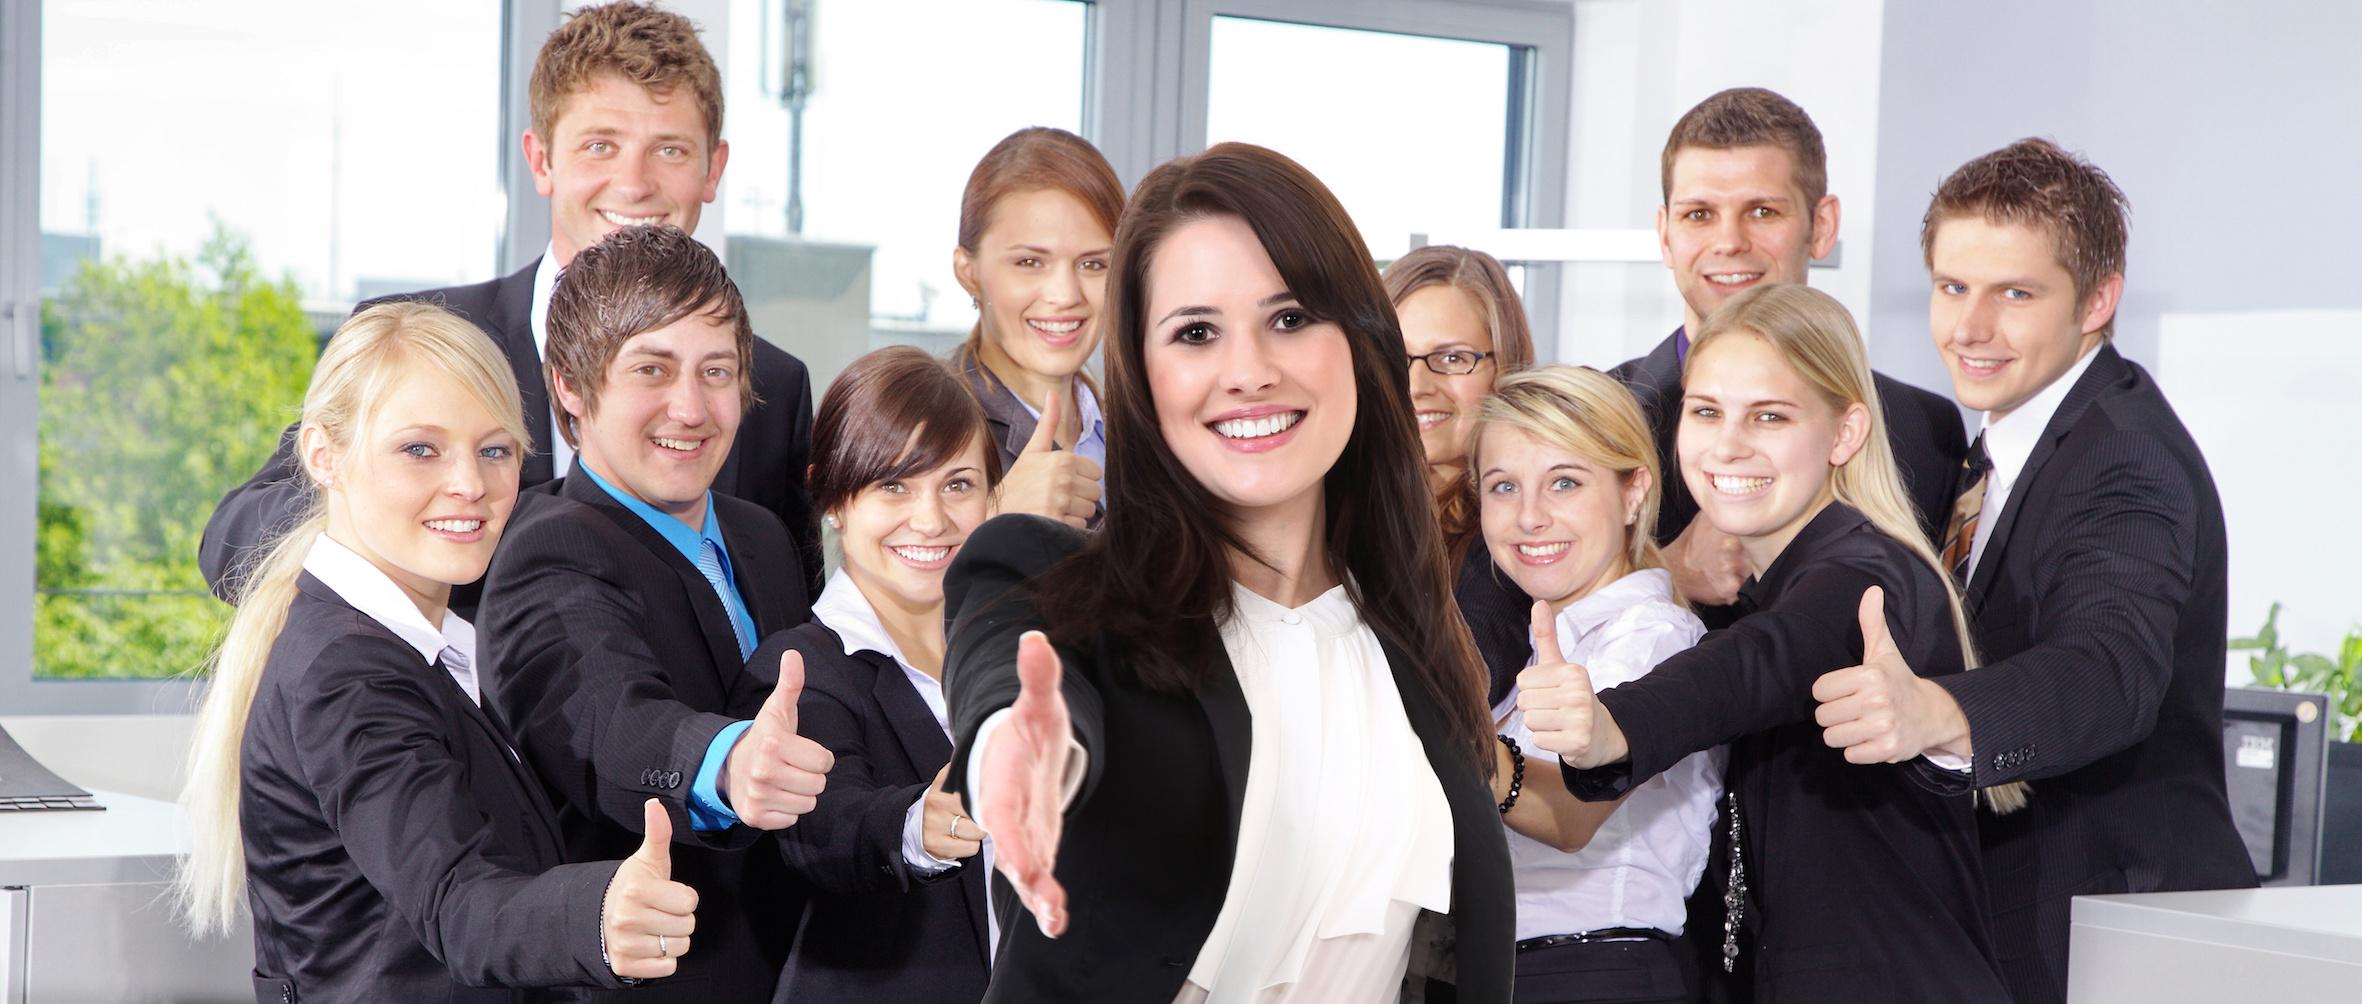 Junge Geschäftsfrau begrüßt freundlich mit Team im Rücke